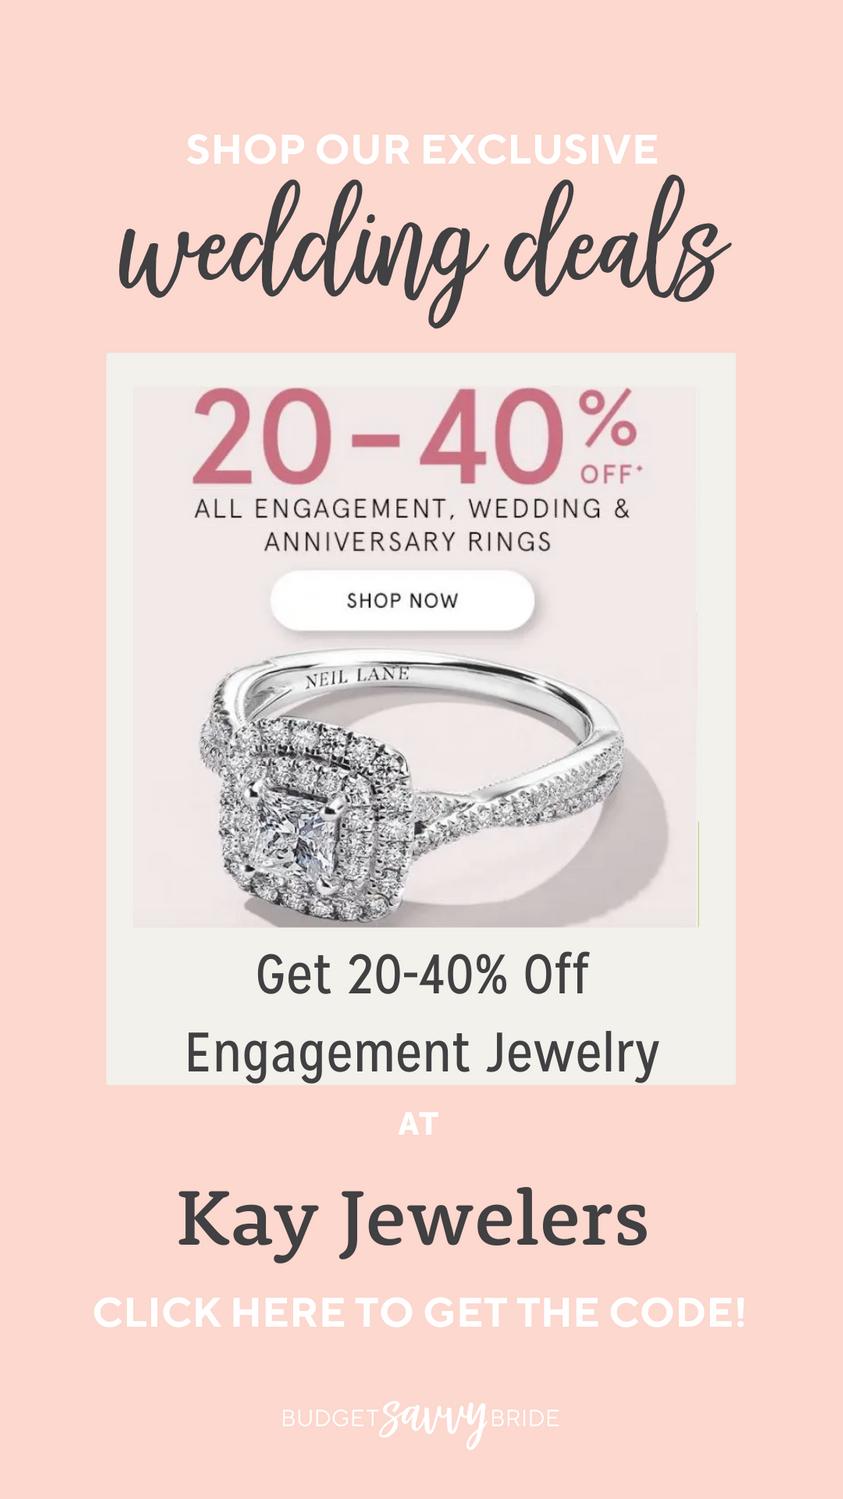 Kay Jewelers Discount Kay Jewelers Coupon Wedding Deals In 2021 Wedding Deals Kay Jewelers Jewels